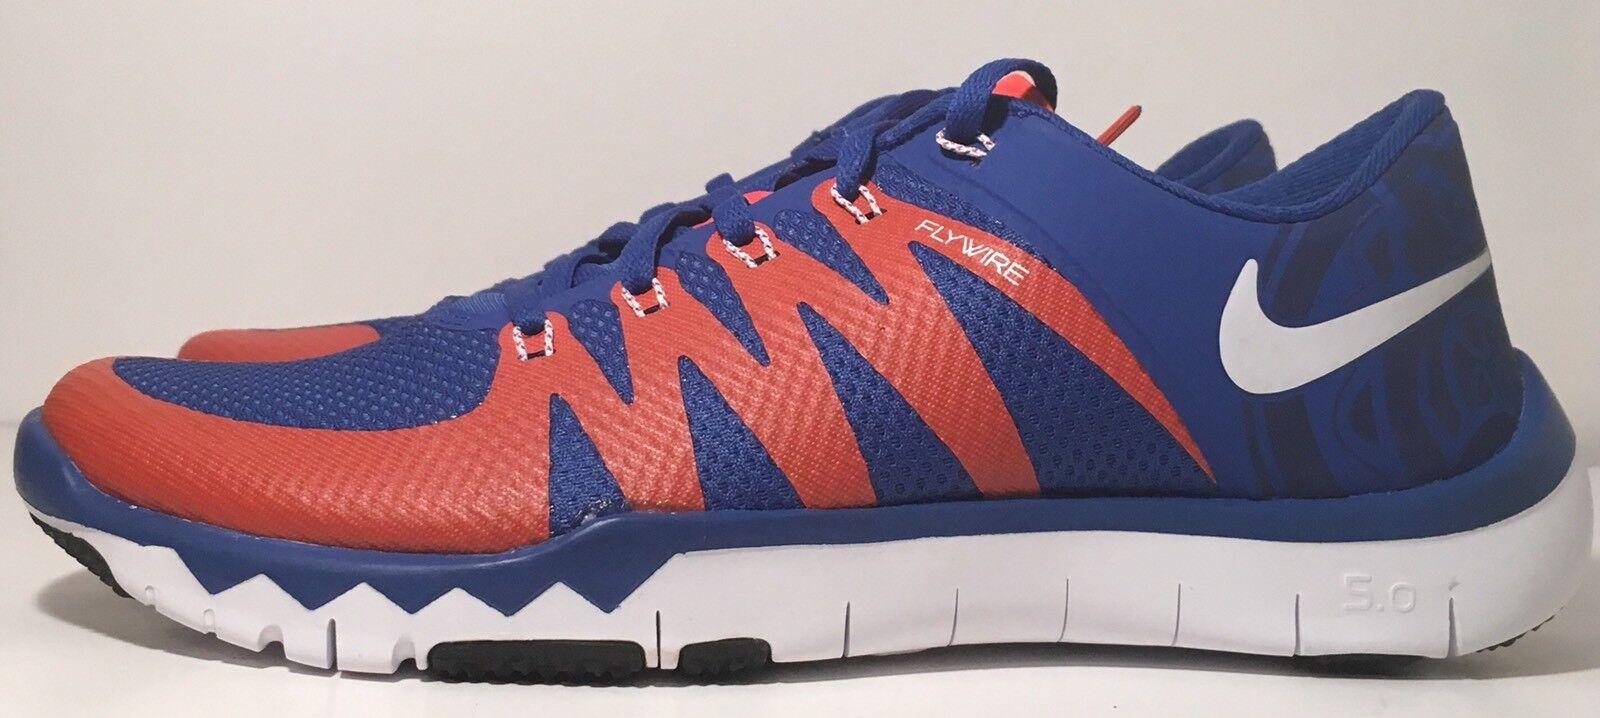 SZ.8.5 Nike Free Trainer 5.0 V6 AMP 723939-481 Florida Gators RoyalBlue/Orange